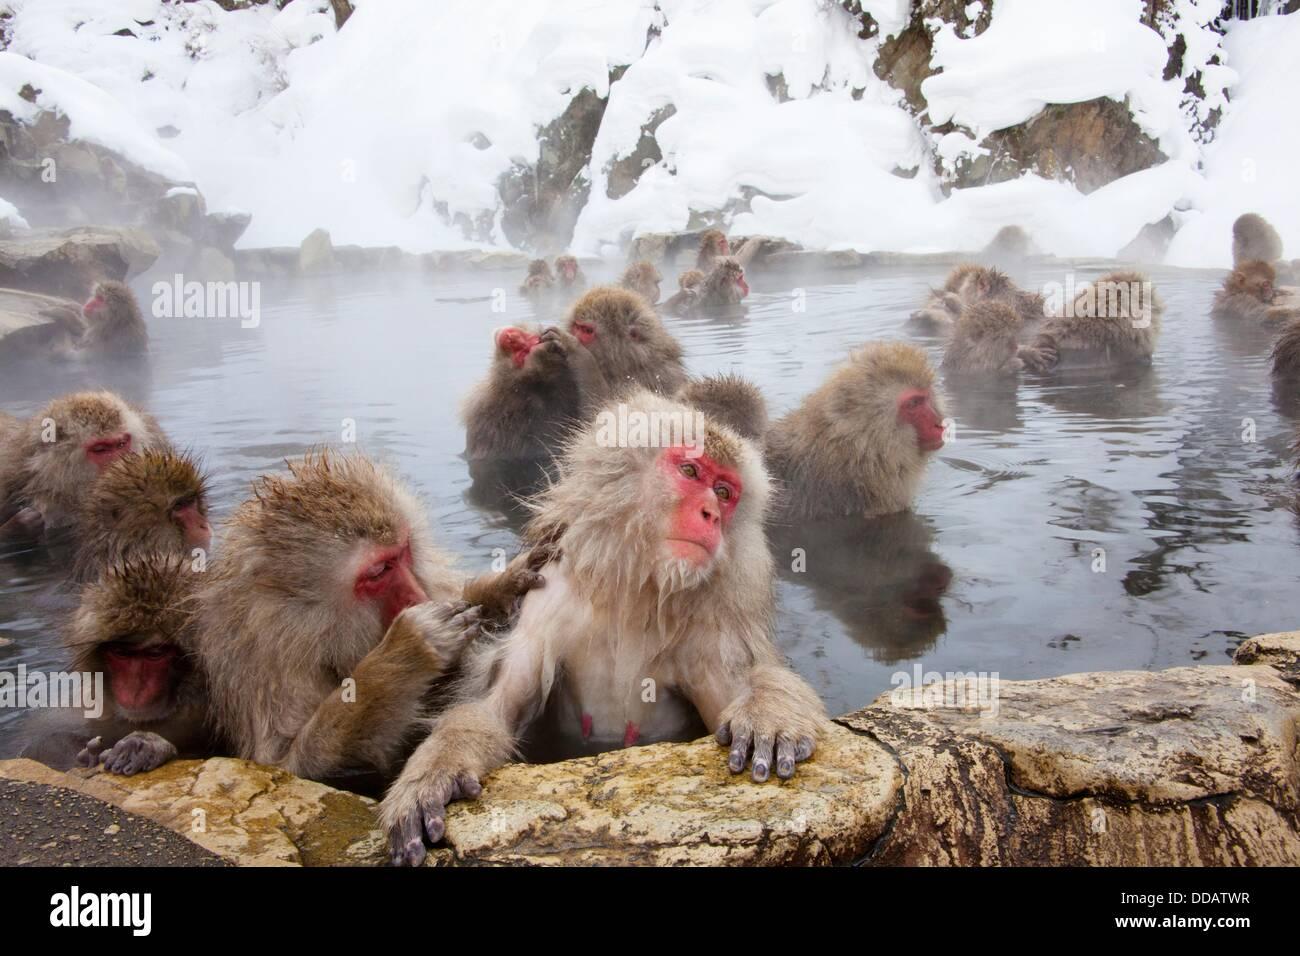 Los macacos japoneses (Macaca fuscata). Parque de Monos Jigokudani, Prefectura de Nagano, Japón Imagen De Stock